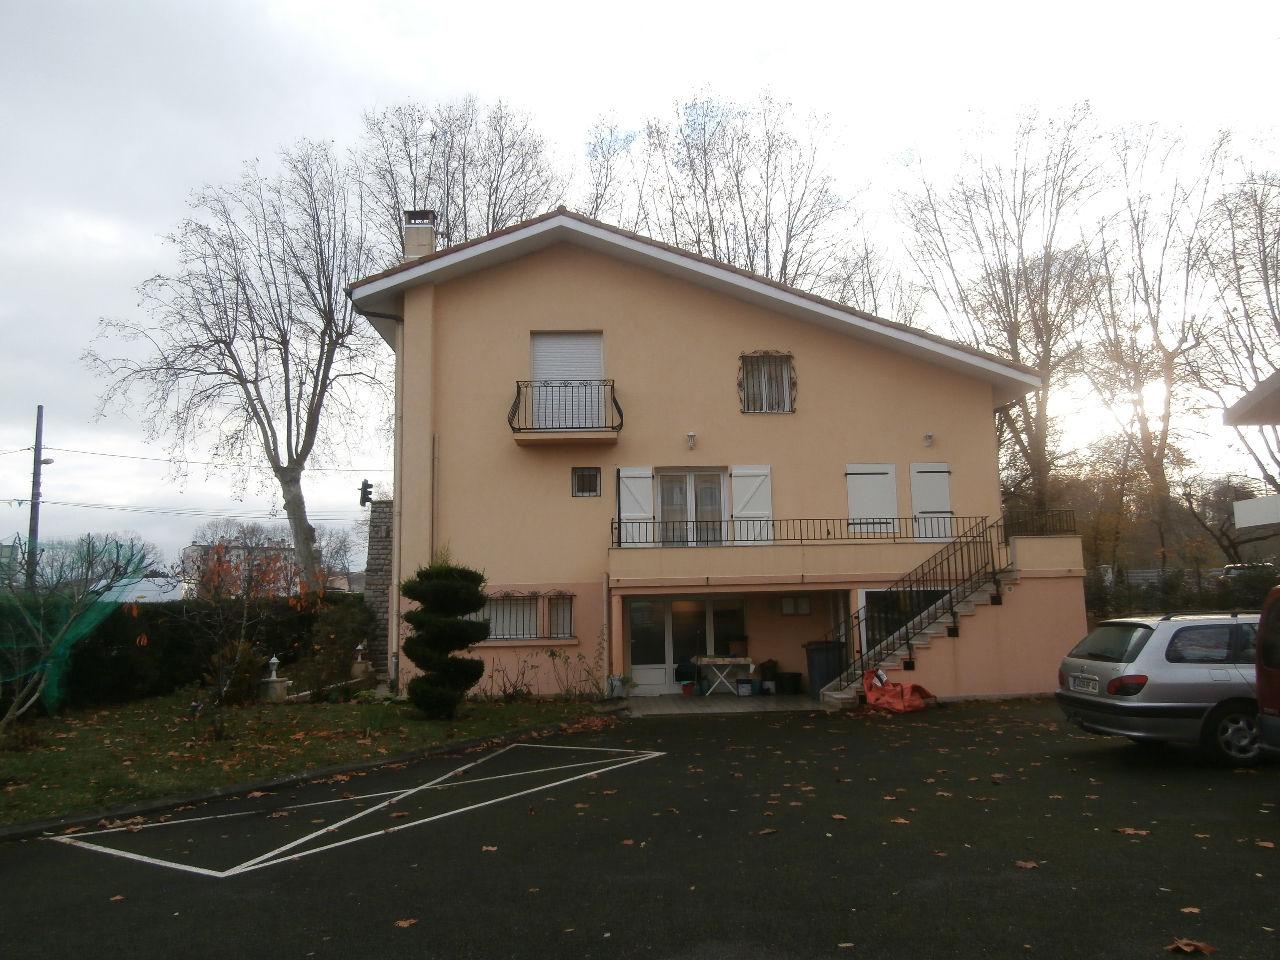 A vendre maison 250 m dax era immobilier tartas era for Vente maison appartement